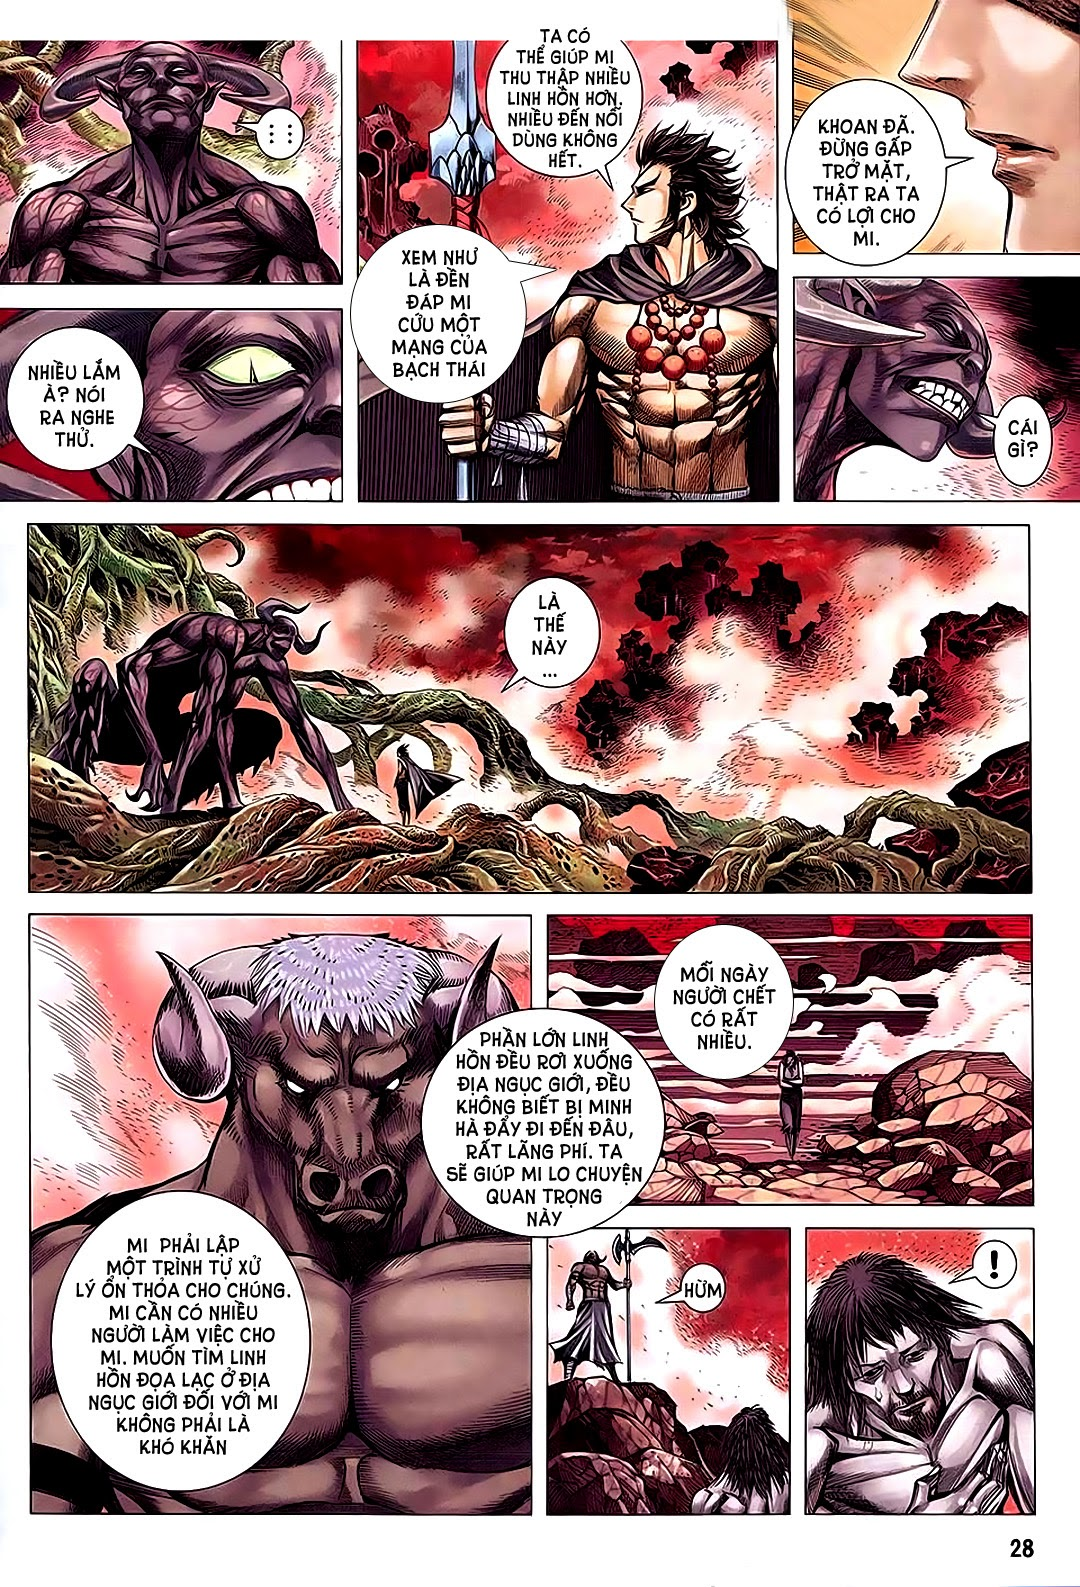 Phong Thần Ký Chap 182 - Trang 28